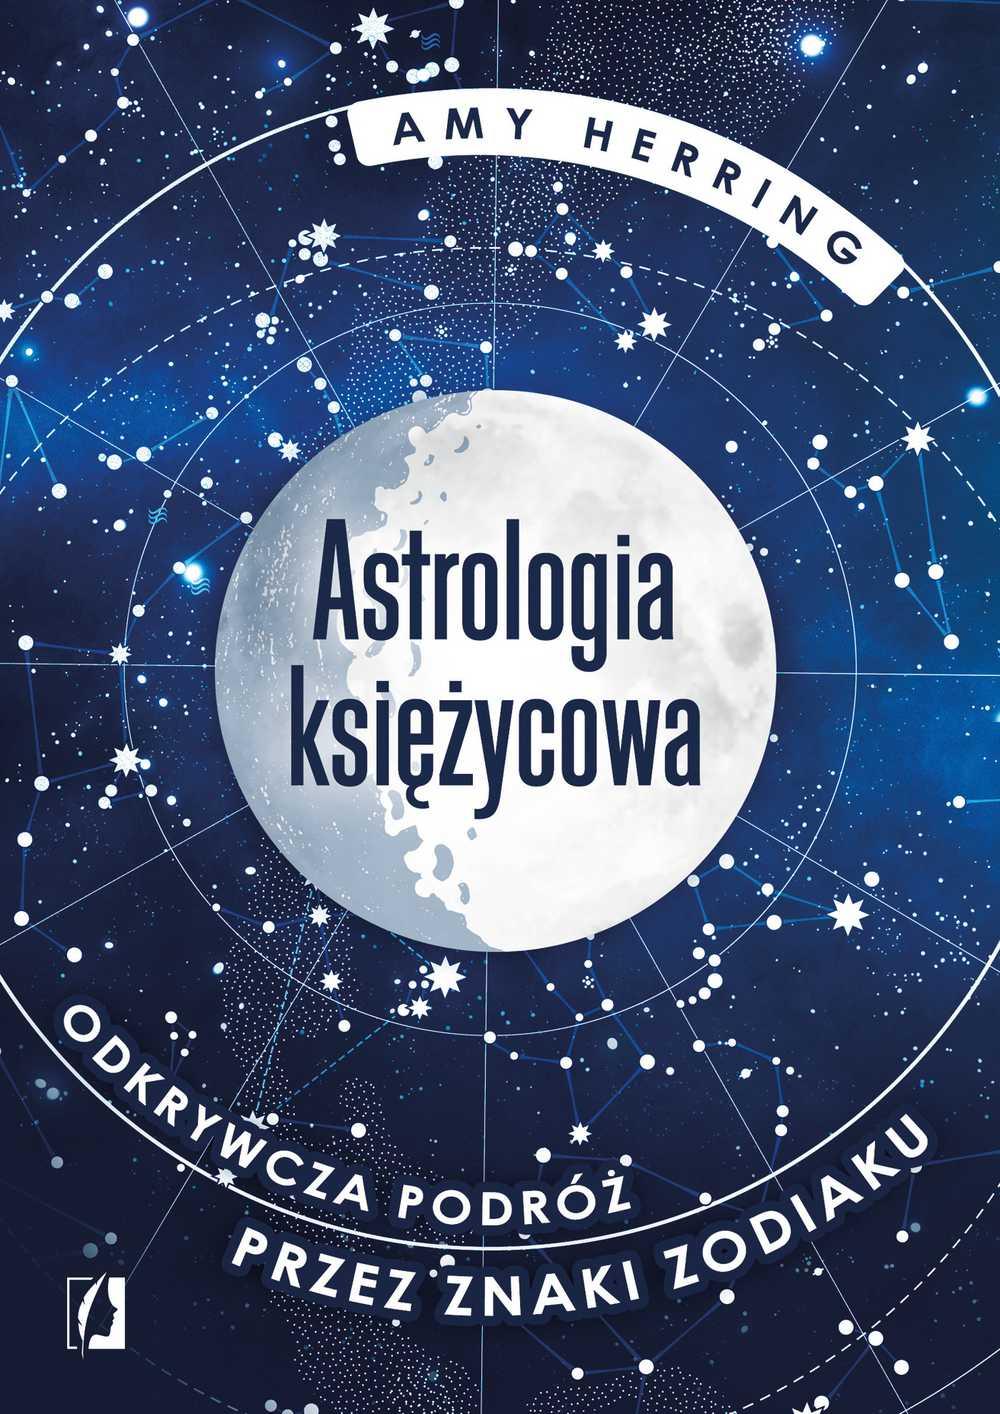 Astrologia księżycowa. Odkrywcza podróż przez znaki zodiaku - Ebook (Książka na Kindle) do pobrania w formacie MOBI